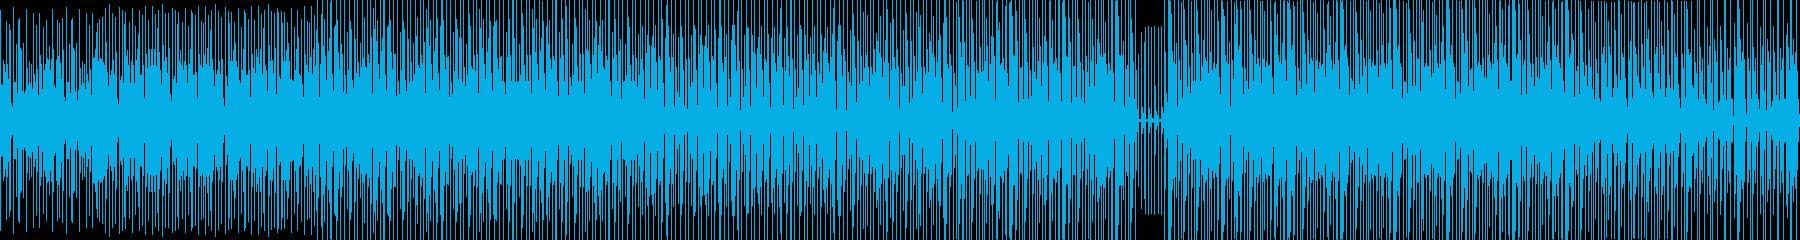 【ループ対応】ビートのみのアップテンポ曲の再生済みの波形